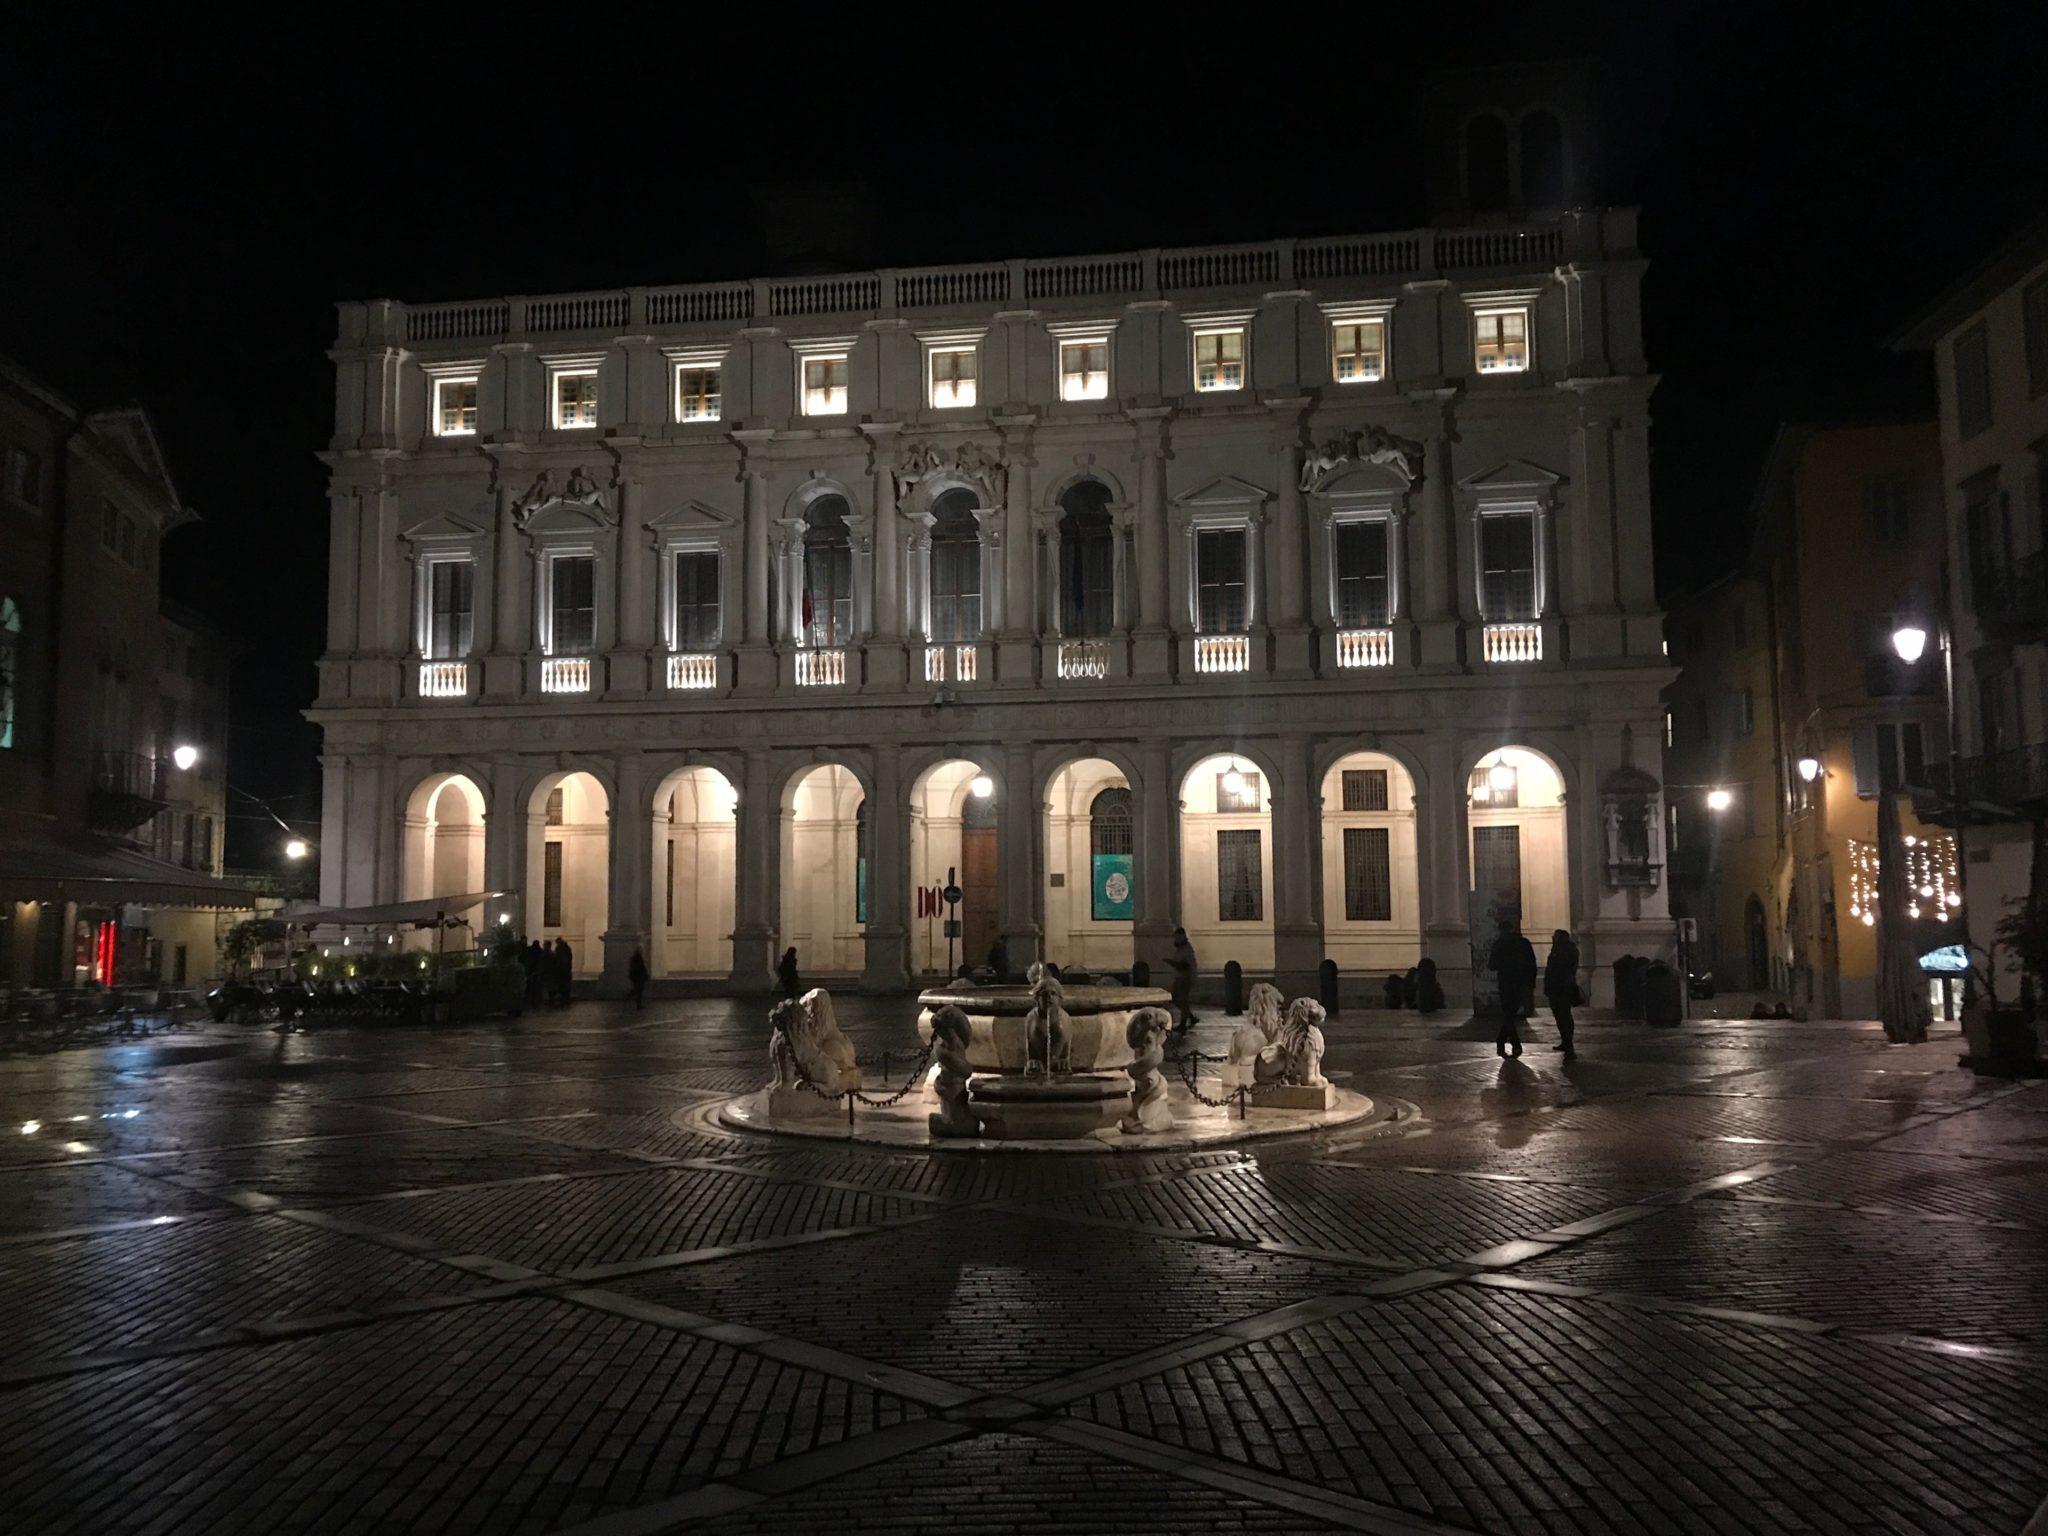 Sei luoghi per fare un salto nel passato e scoprire la città fra l'800 e il '90. Arte, fotografia e memoria: è il Museo delle storie di Bergamo